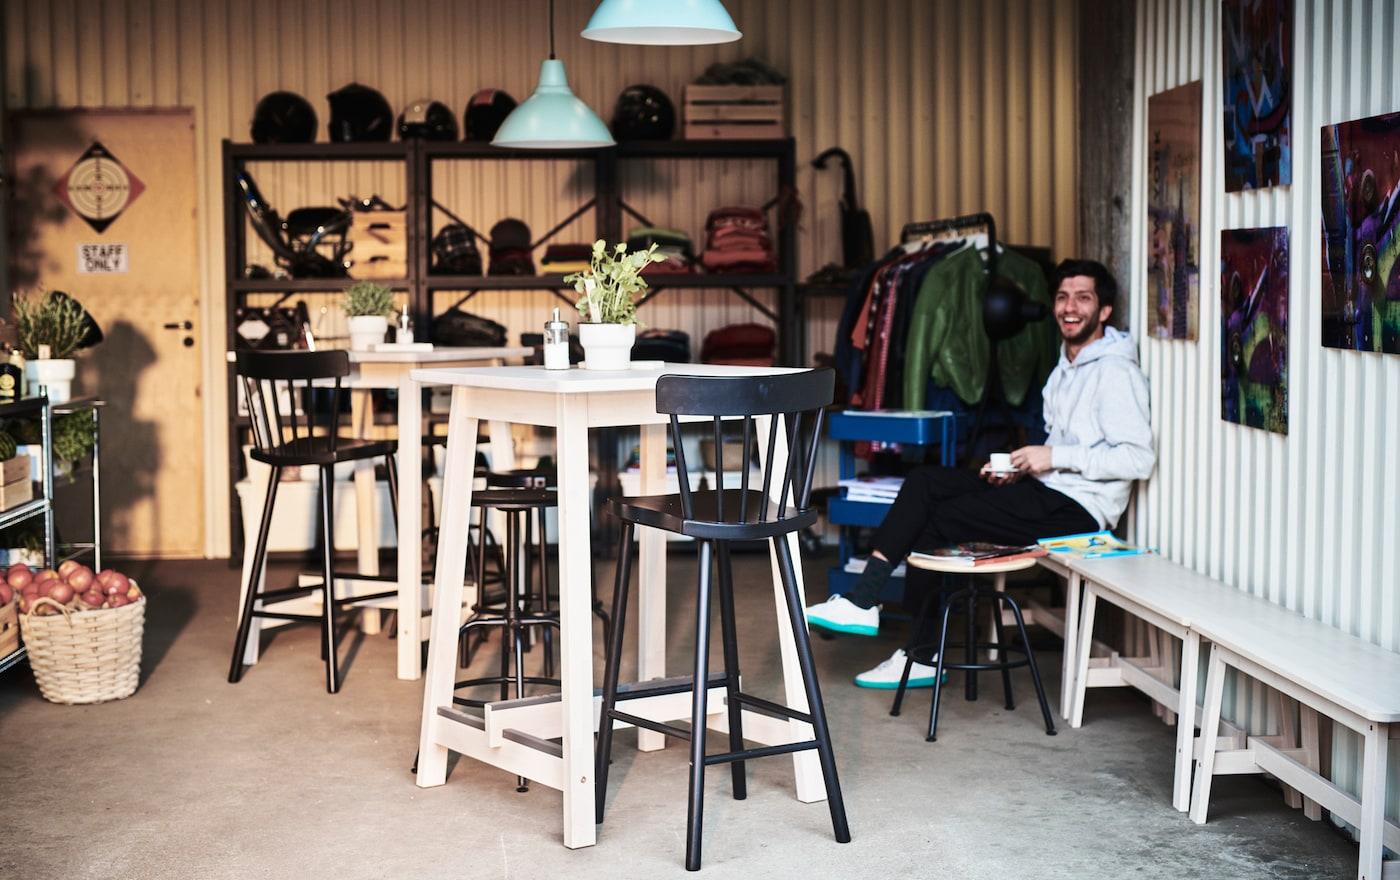 Mesas altas e bancos altos com encosto NORRÅKER, em madeira clara, numa pequena quinta decorada com ambiente de café.